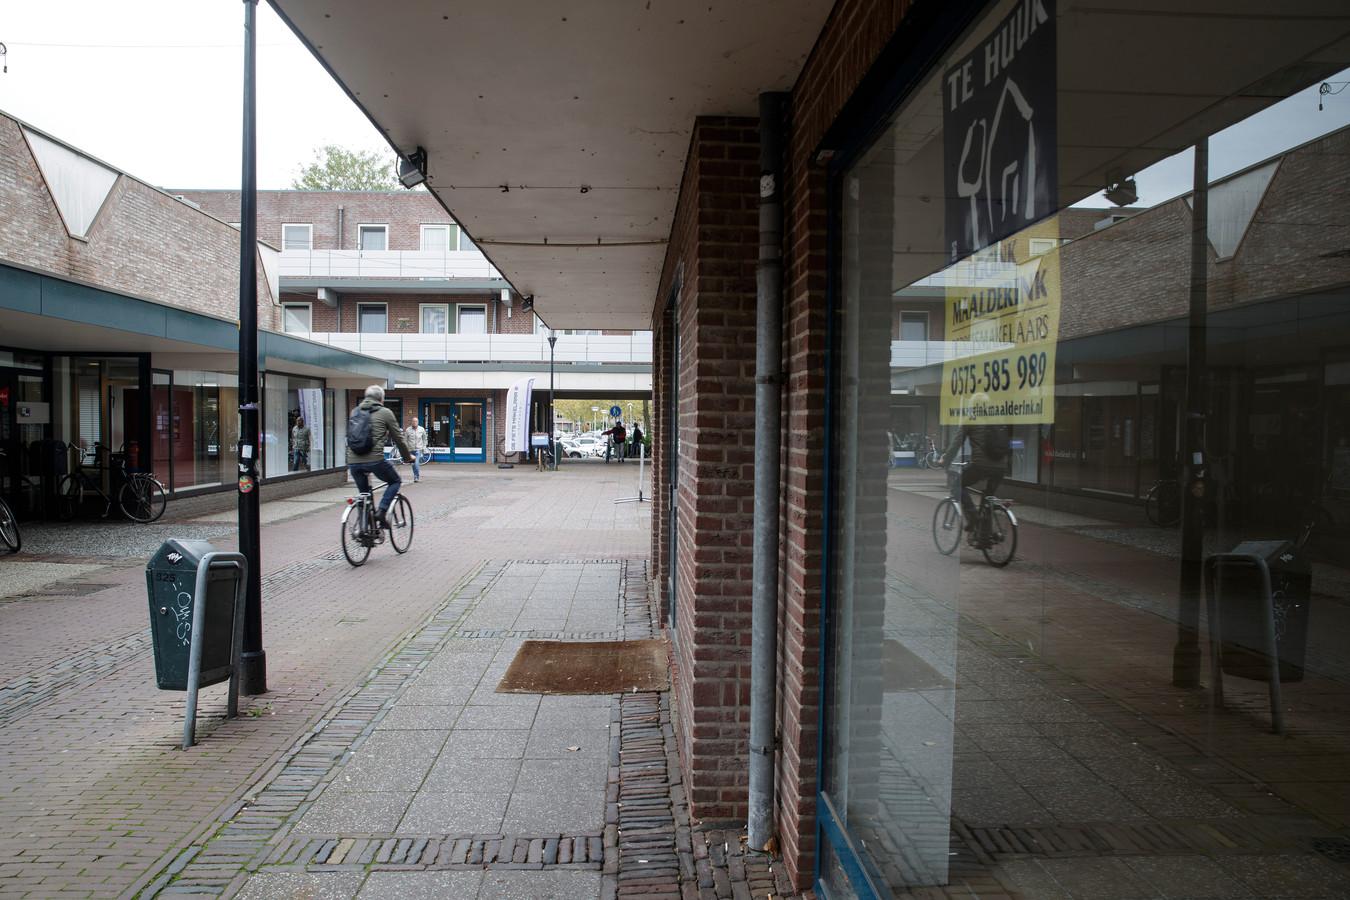 Leegstaande panden en graffiti in de Polsbroekpassage, één van de volgende projecten om de binnenstad in Zutphen te verbeteren.